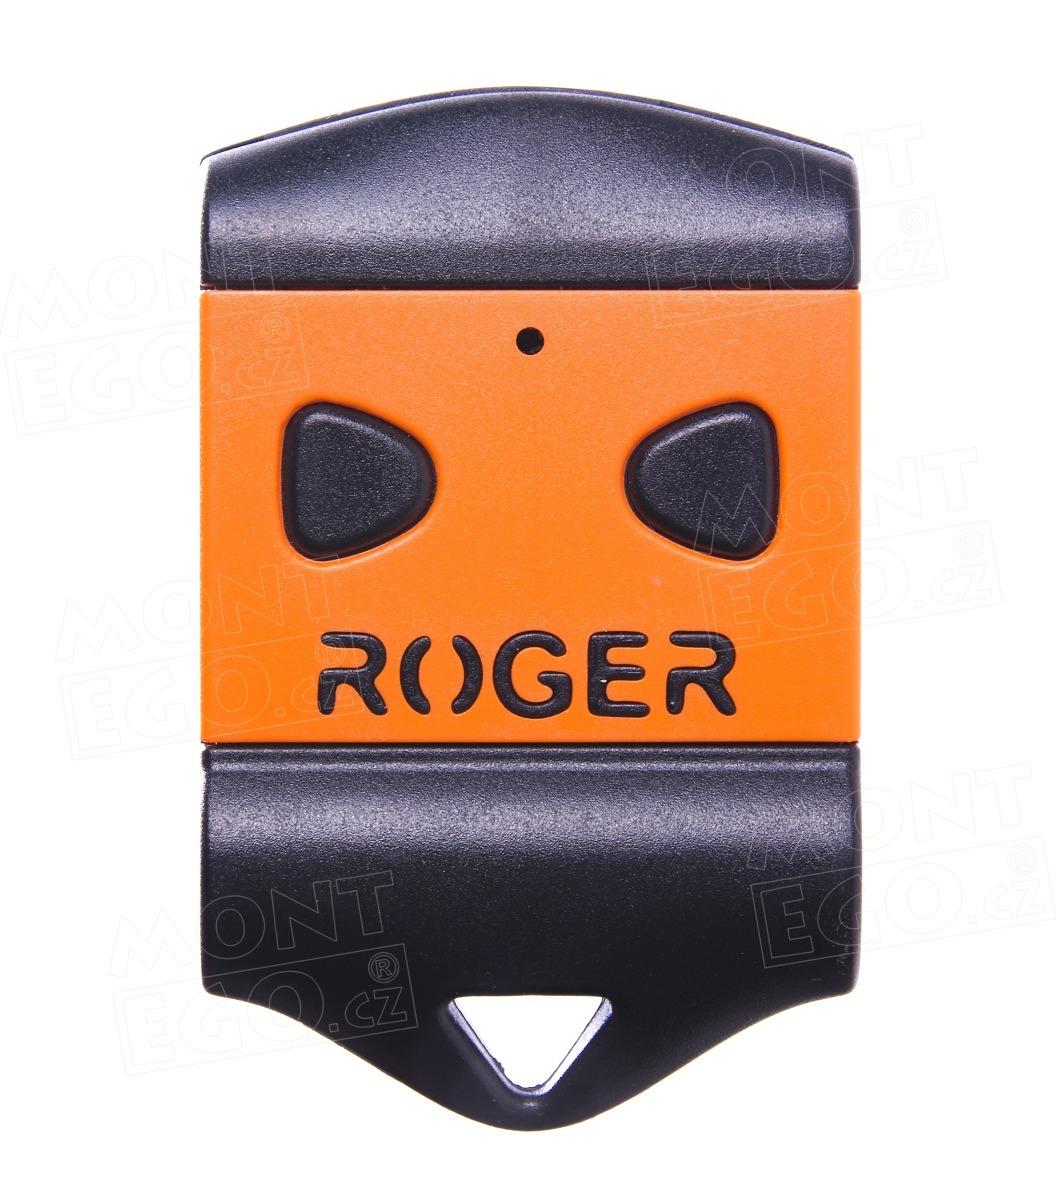 Dálkový ovladač Roger TX22, 2 kanálový ovladač, 433,92 MHz